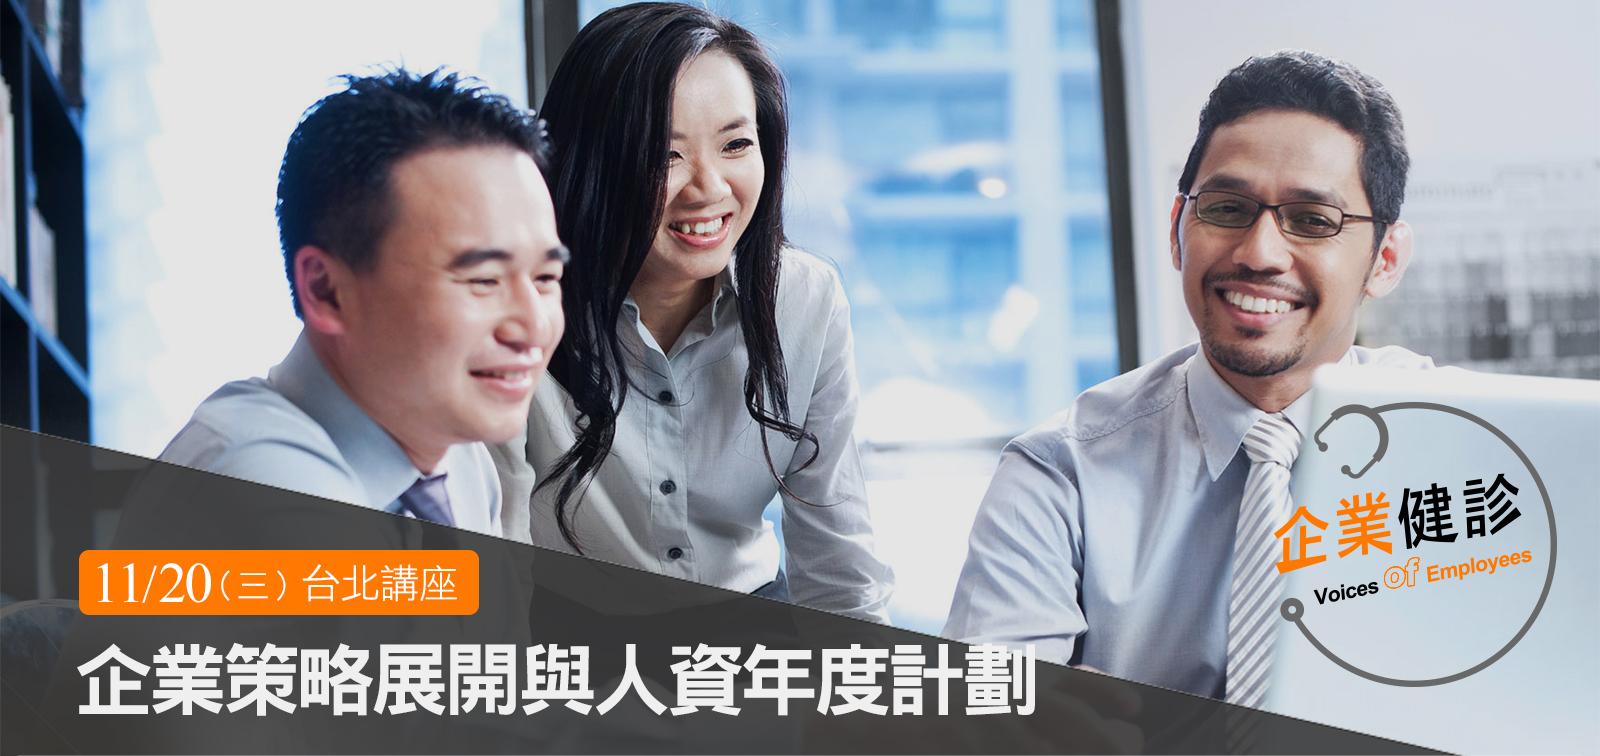 企業策略展開與人資年度計劃